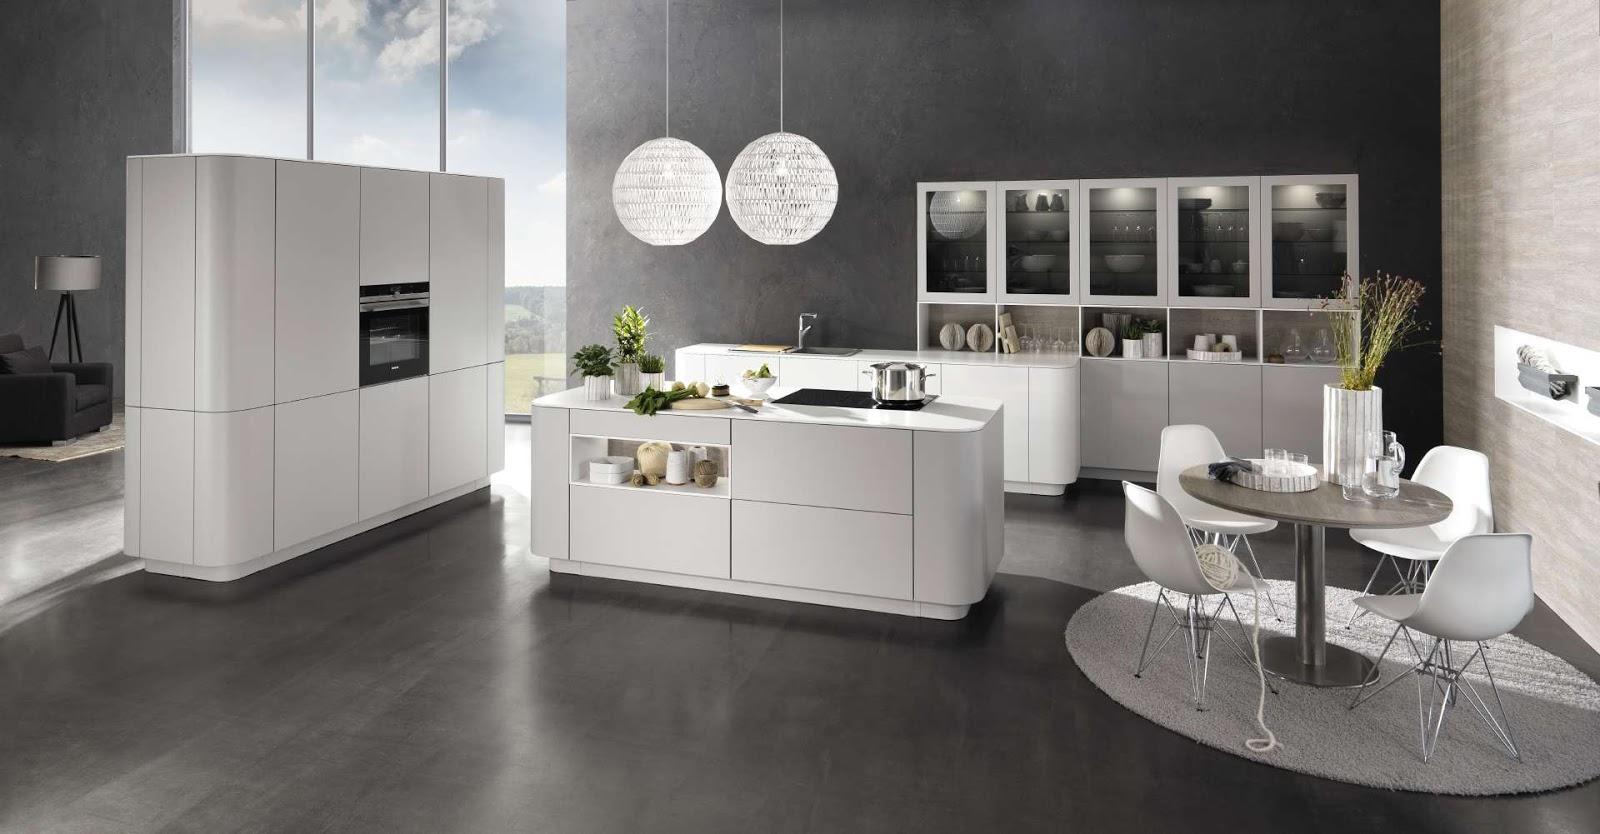 Full Size of Kchen Aktuell Buchholz Verkaufsoffener Sonntag Home Creation Küchen Regal Wohnzimmer Küchen Aktuell